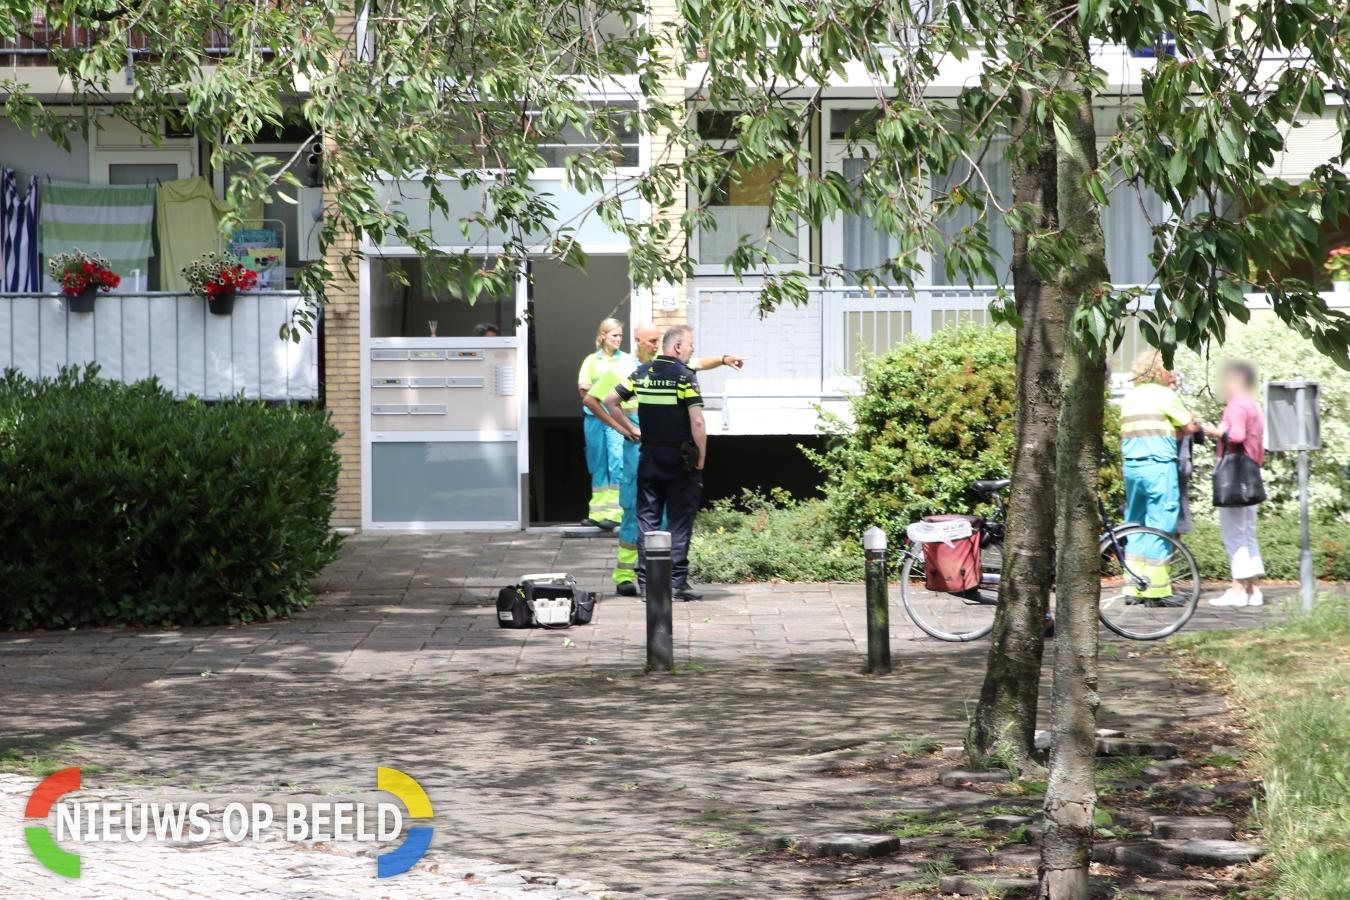 Stoffelijk overschot van vrouw (40) aangetroffen na melding koolmonoxide Alphen a/d Rijn